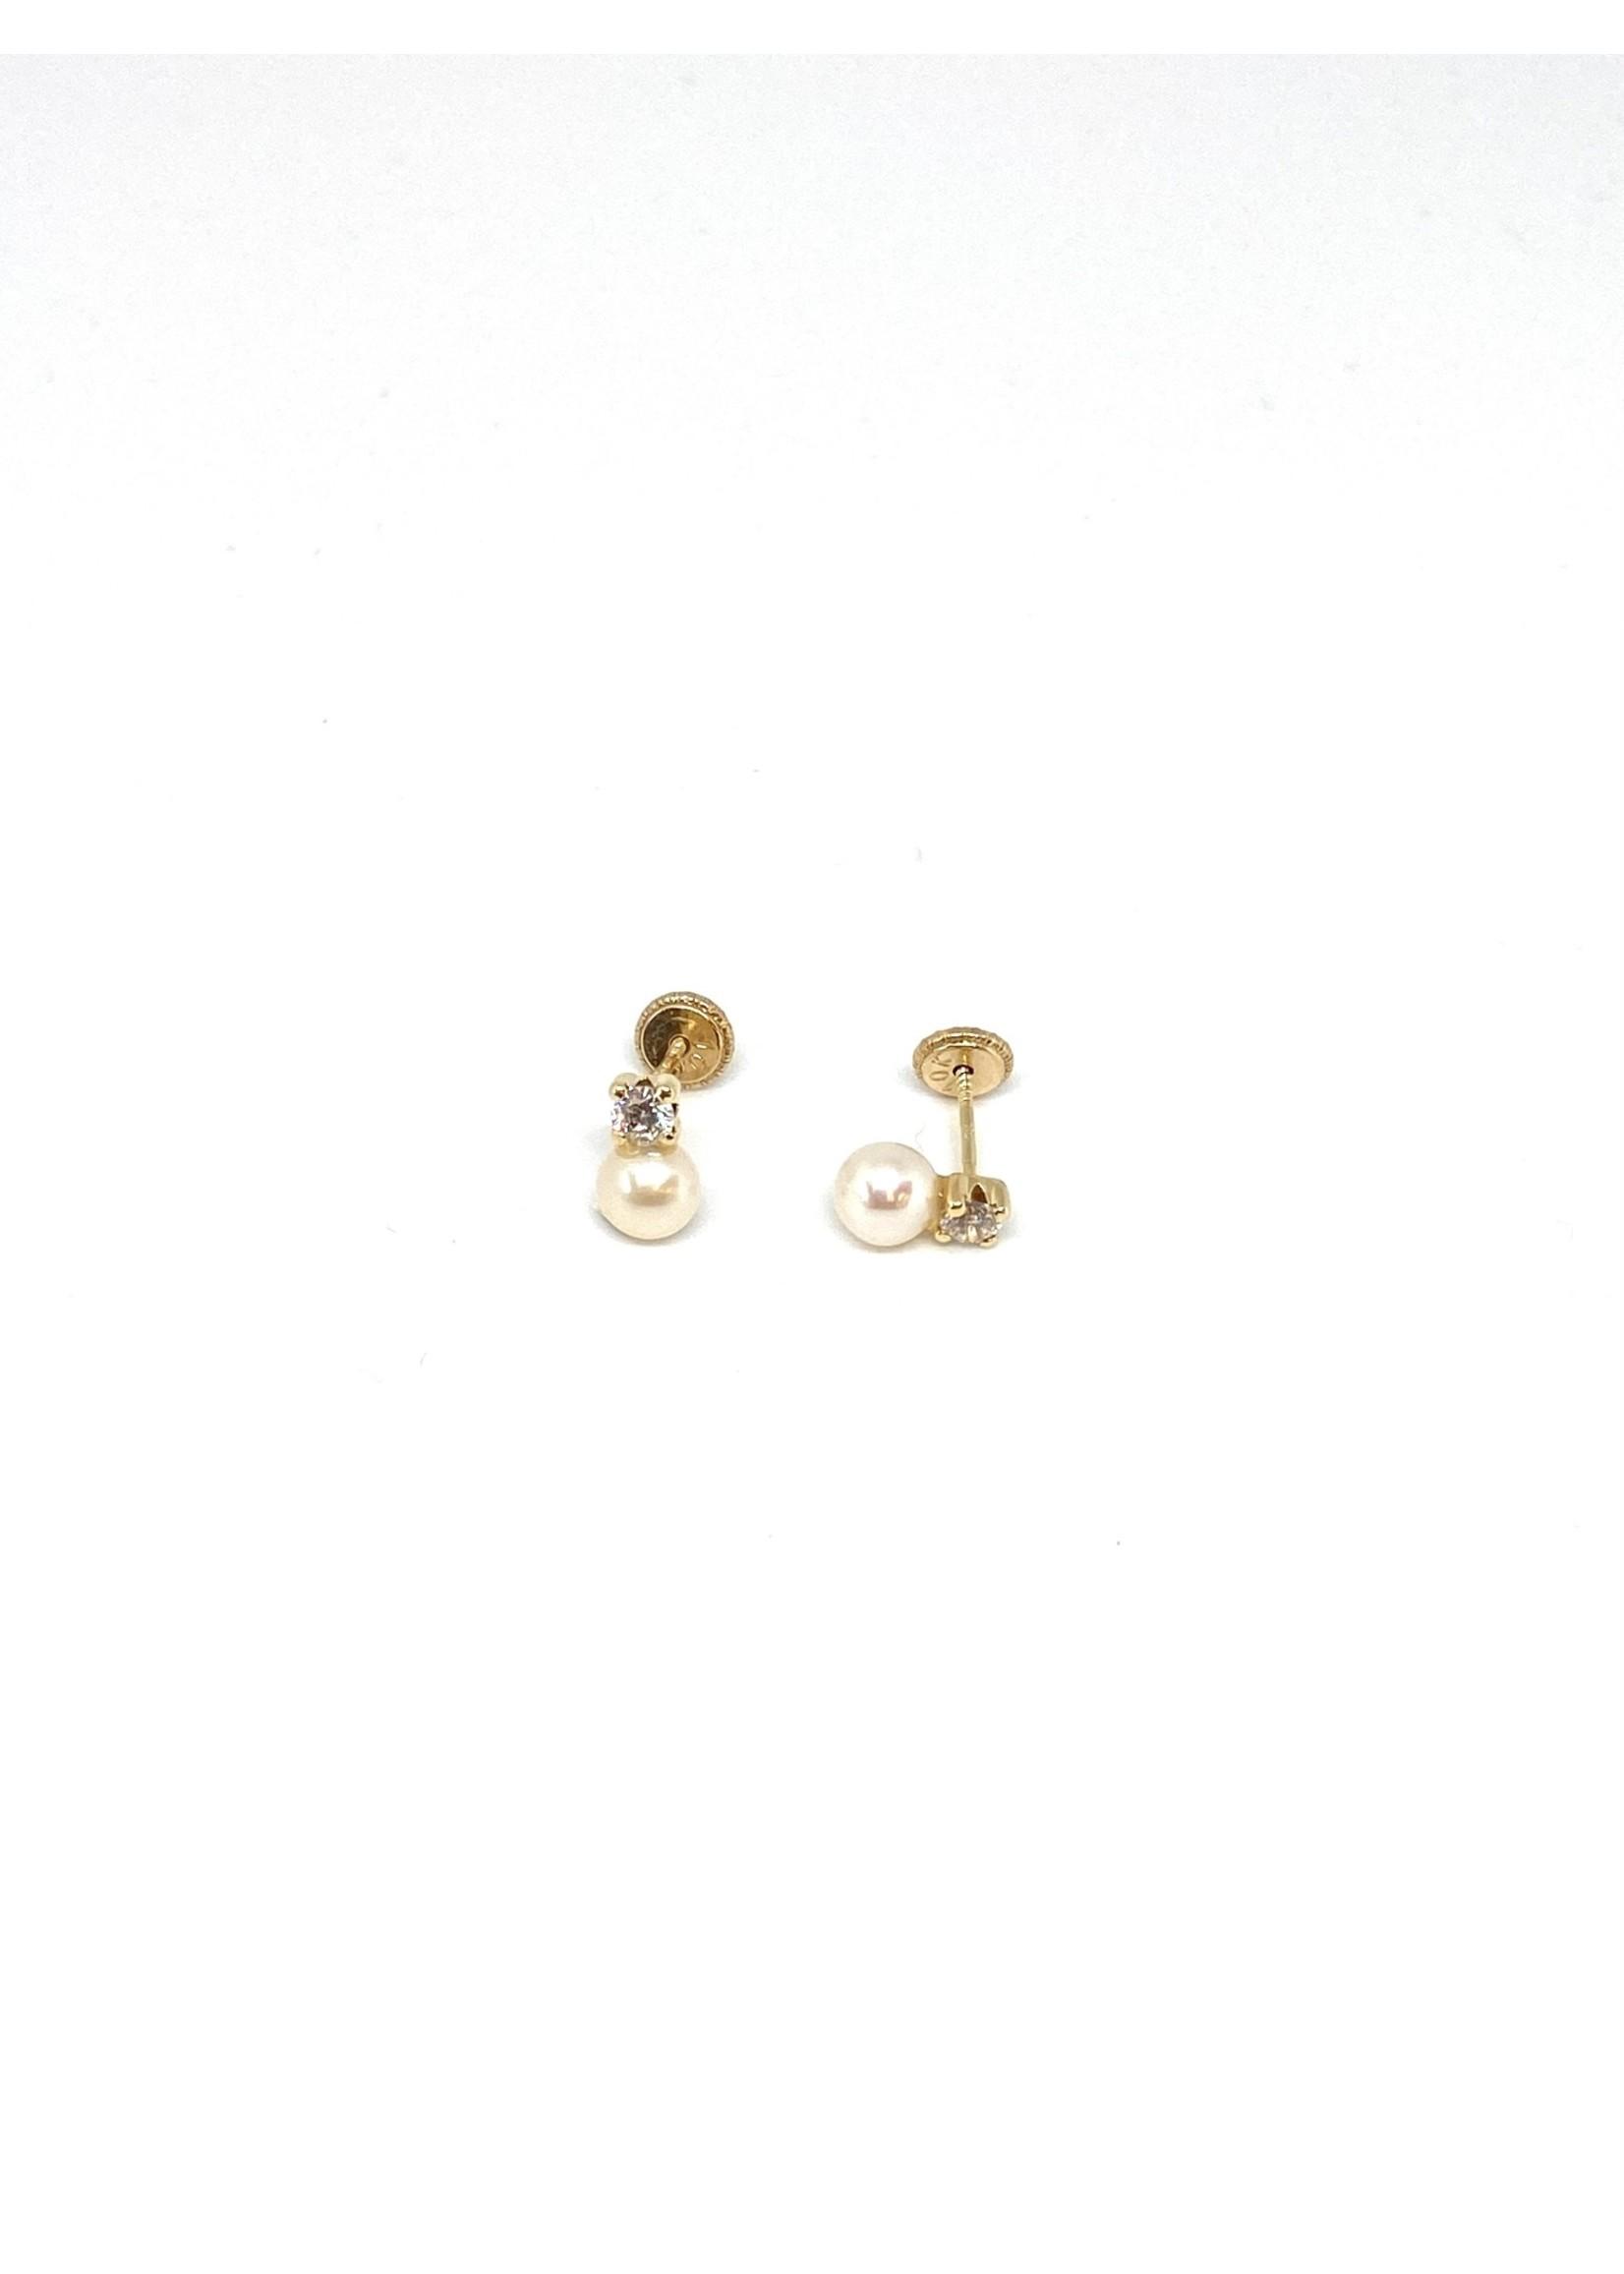 PARÉ Boucles d'oreilles Stud Perles pour Enfants Or 10K